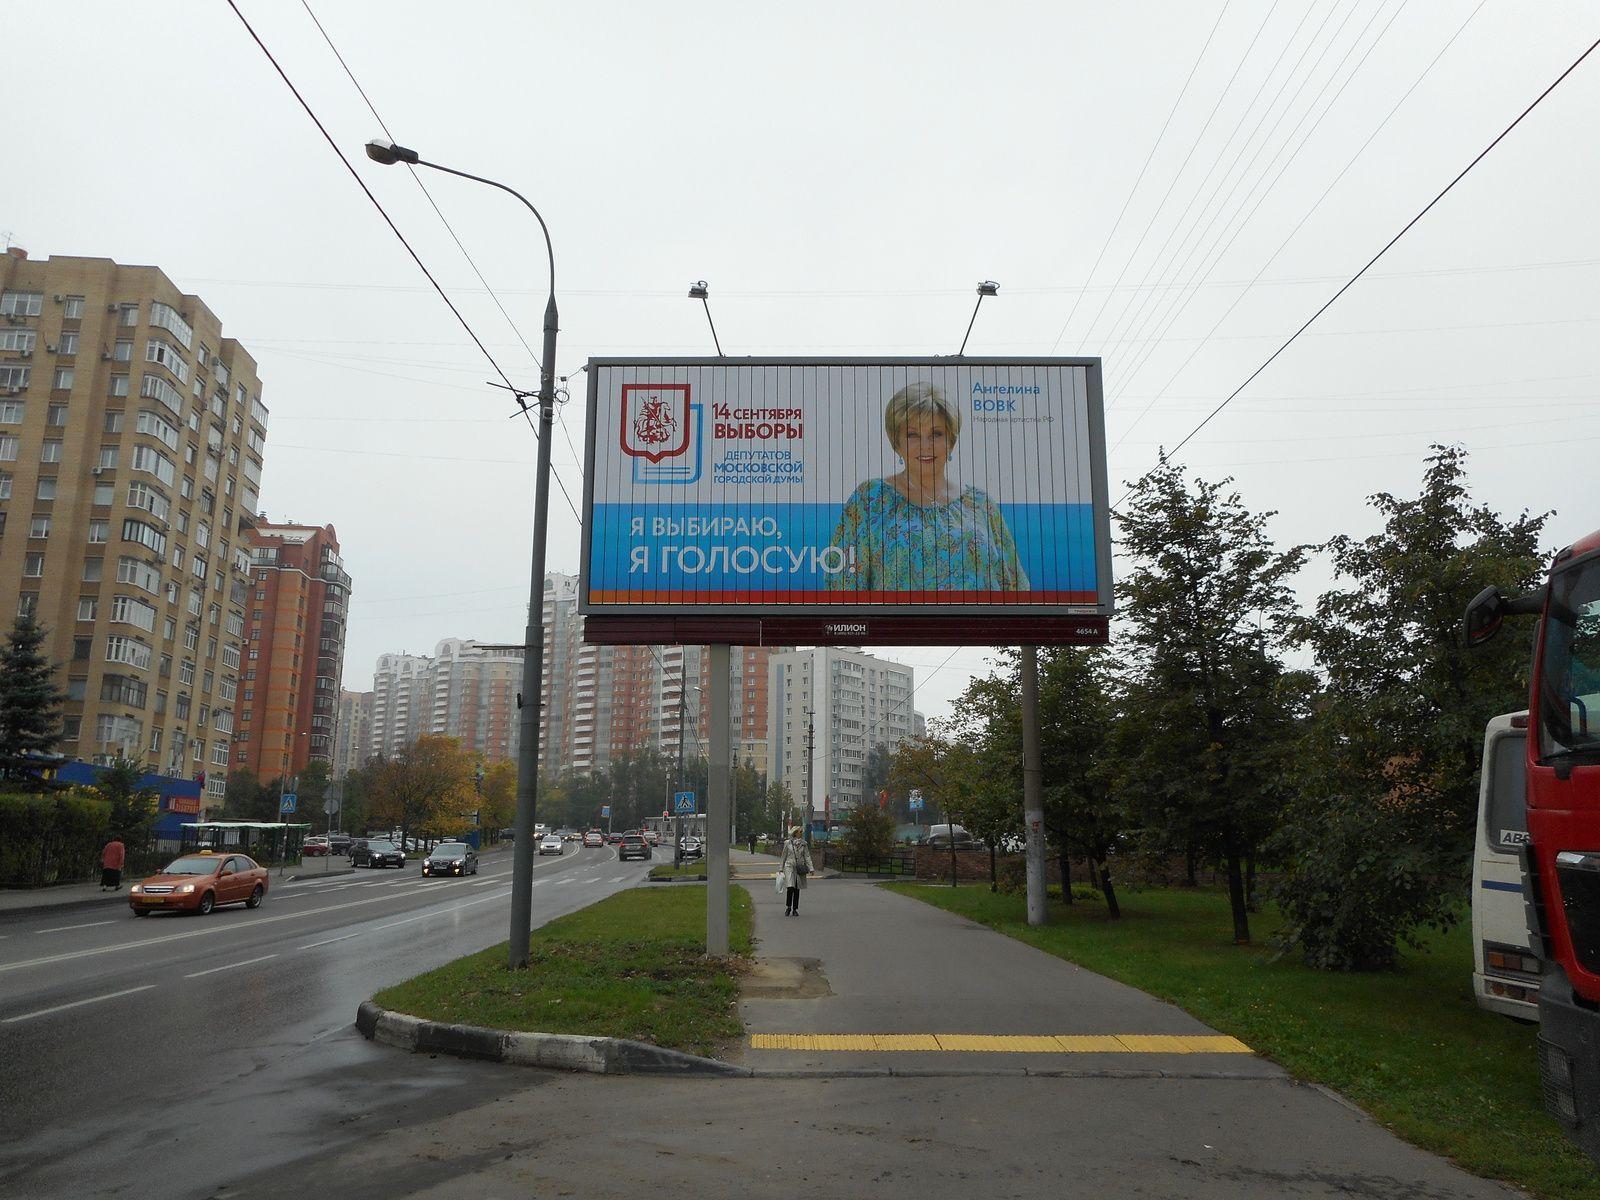 """Moscou City&#x3B; collecte pour le Donbass près d'une station de métro&#x3B; parc de Novodévitchi&#x3B;Maïdan, Sténine&#x3B;tee-shitrs Poutine, incontournables """"в обиду не дам"""" je vous ferai respecter&#x3B; vente de chiots et de chatons, près du métro&#x3B; la Moskova au Parc Gorki&#x3B; appel à voter le 14 septembre"""